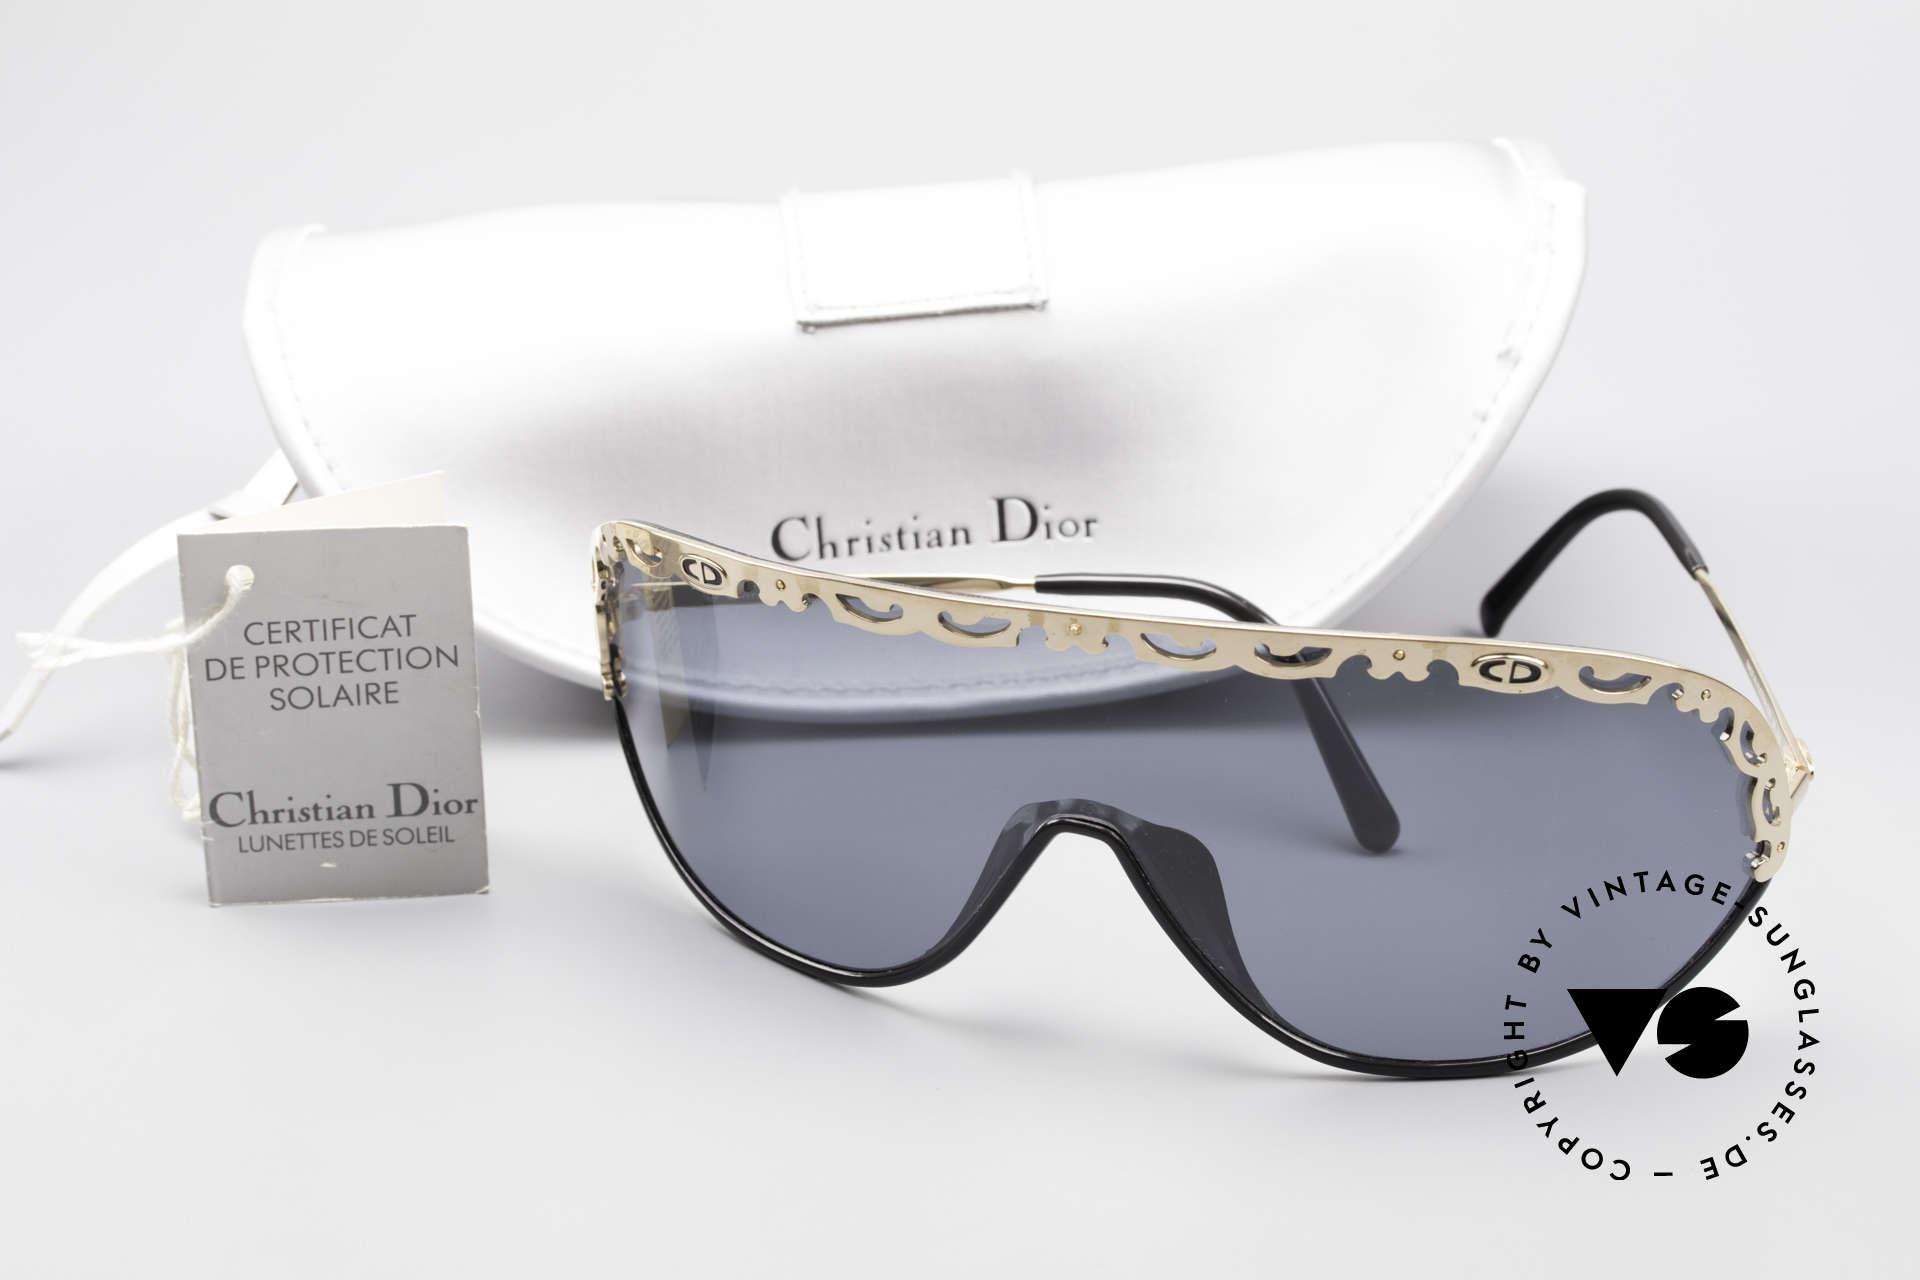 Christian Dior 2501 80er Sonnenbrille Polarized, KEINE Retromode, sondern ein einzigartiges Original!, Passend für Damen